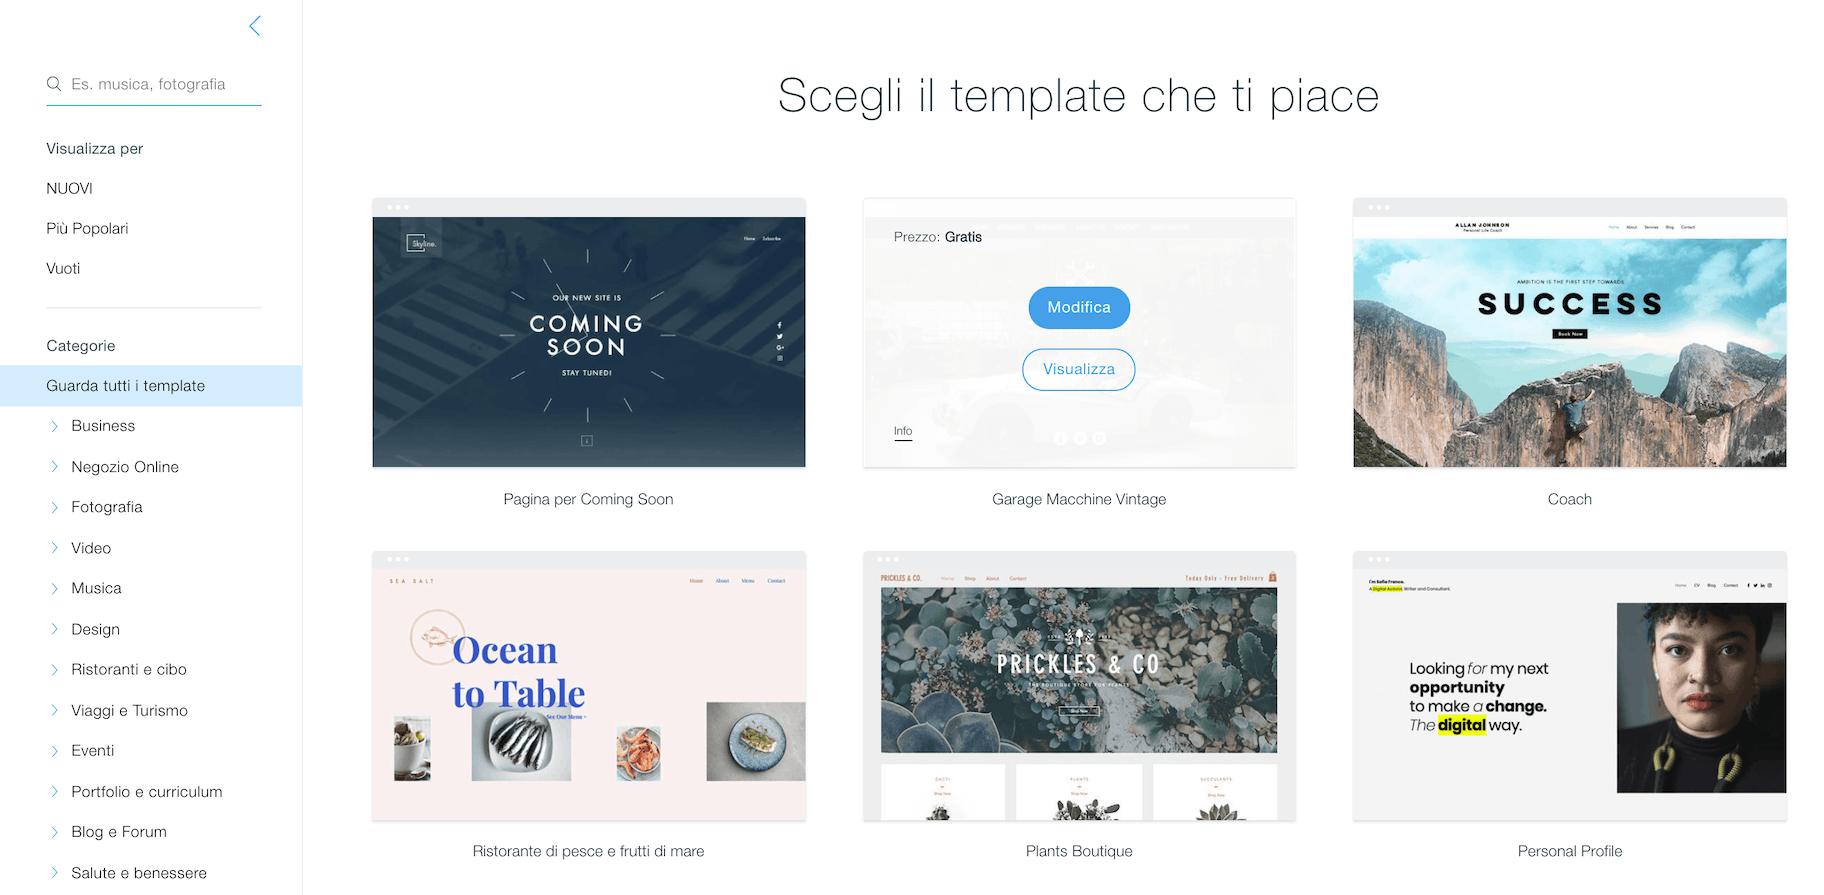 Come creare un sito web: i template wix